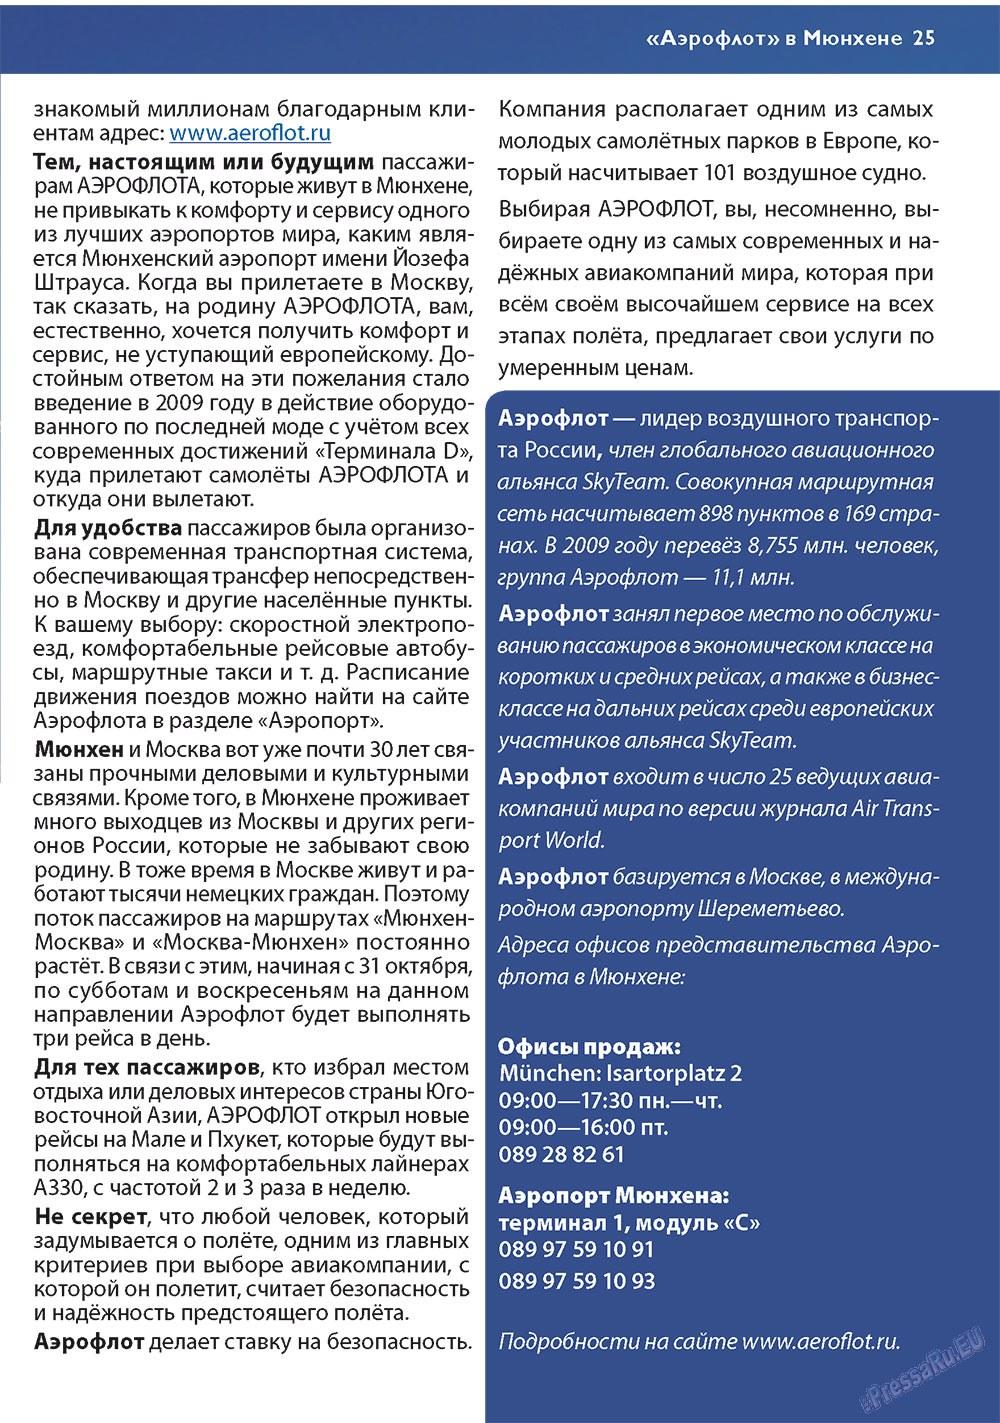 Апельсин (журнал). 2010 год, номер 16, стр. 25